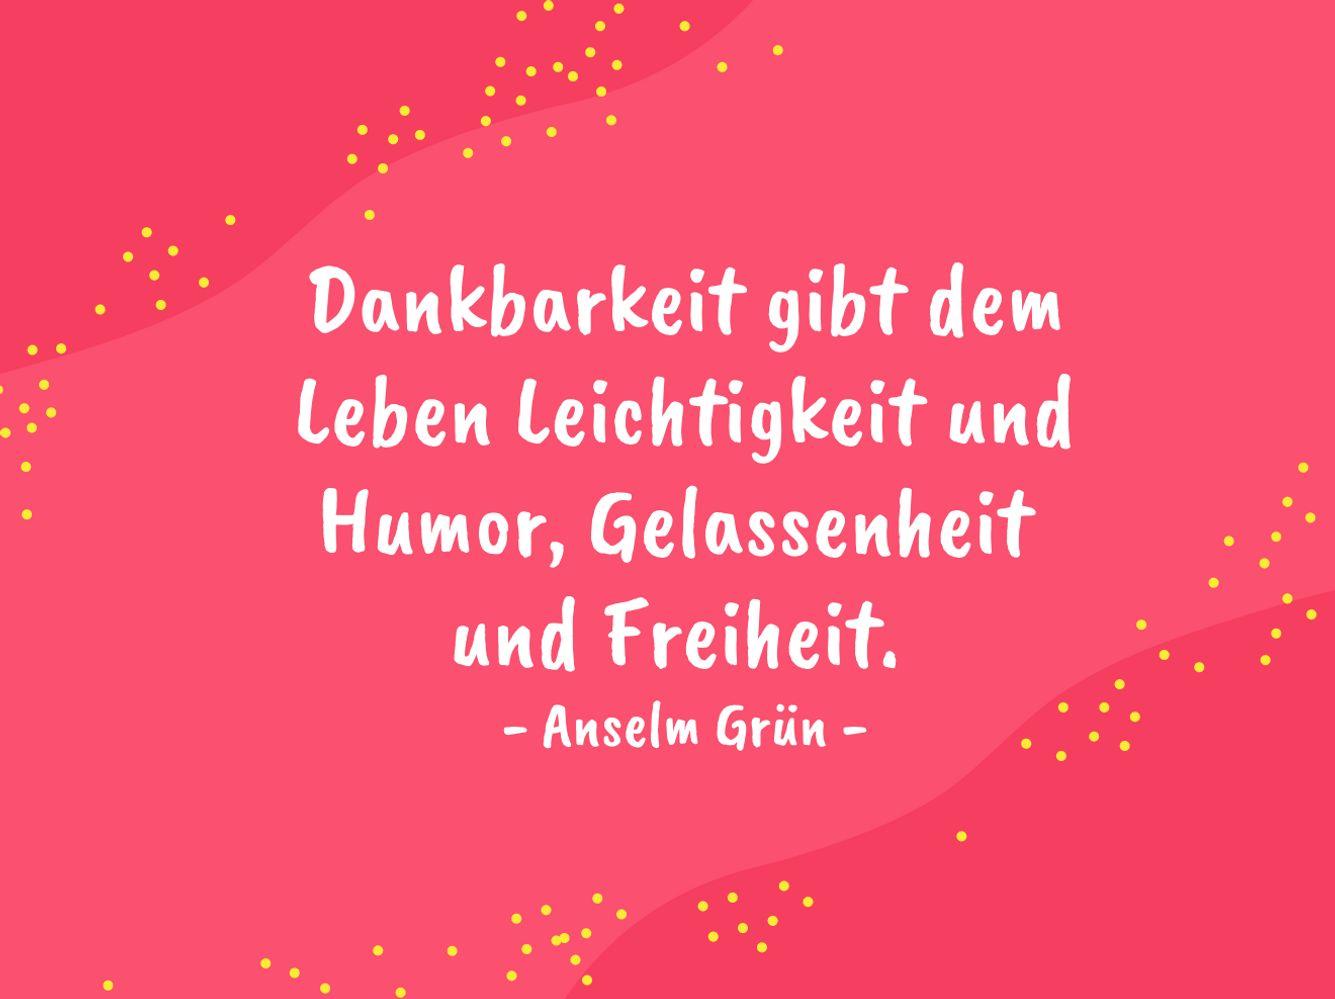 Dankbarkeit gibt dem Leben Leichtigkeit und Humor, Gelassenheit und Freiheit. - Anselm Grün